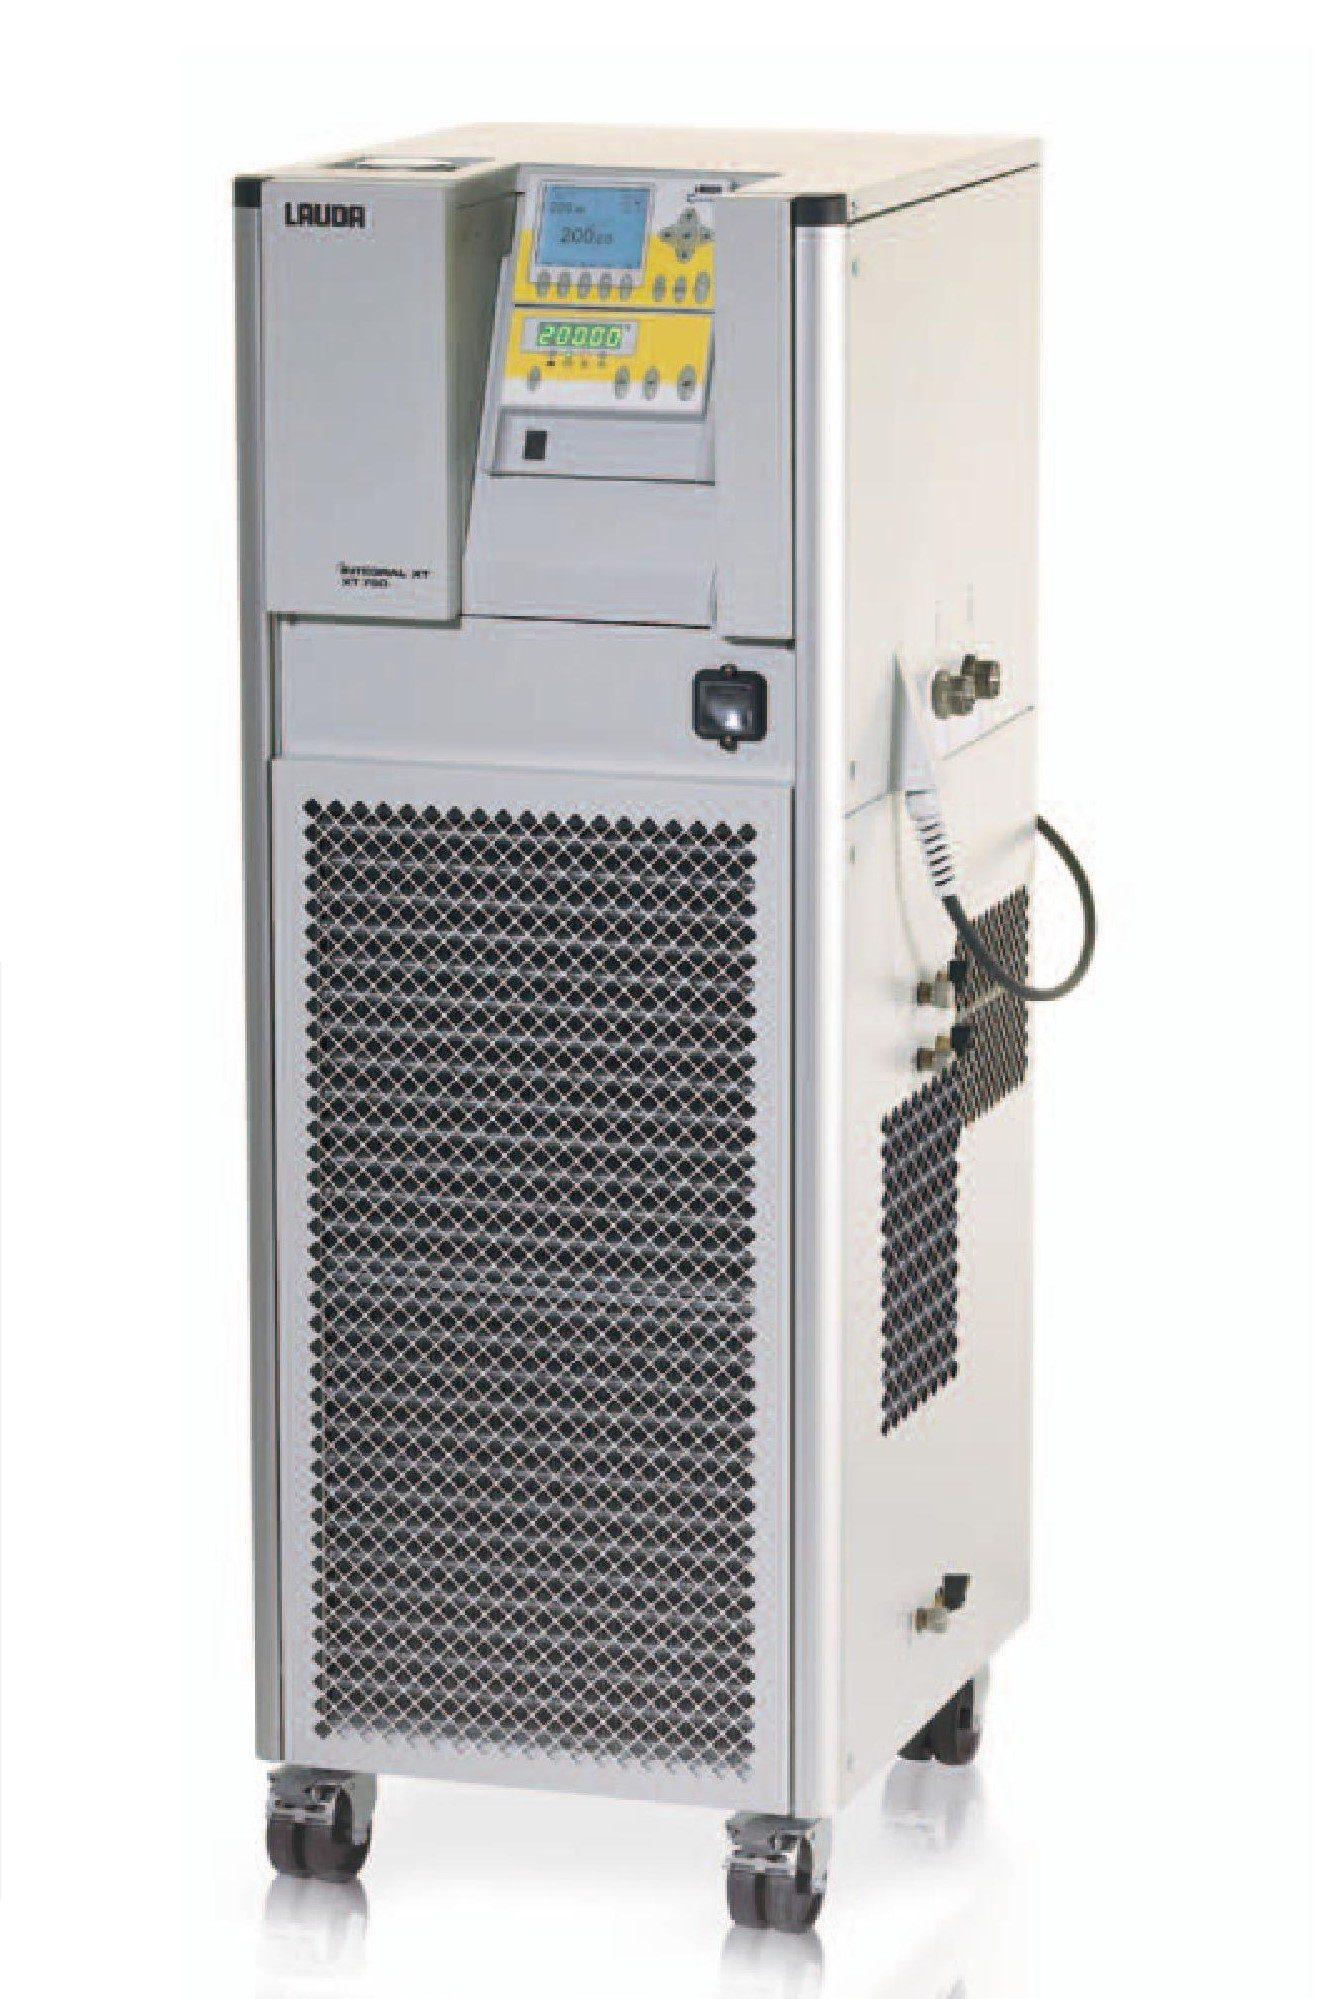 Termostato de processo integral XT - Temperatura de trabalho: -50 a 220°C - LAUDA - Cód. XT750